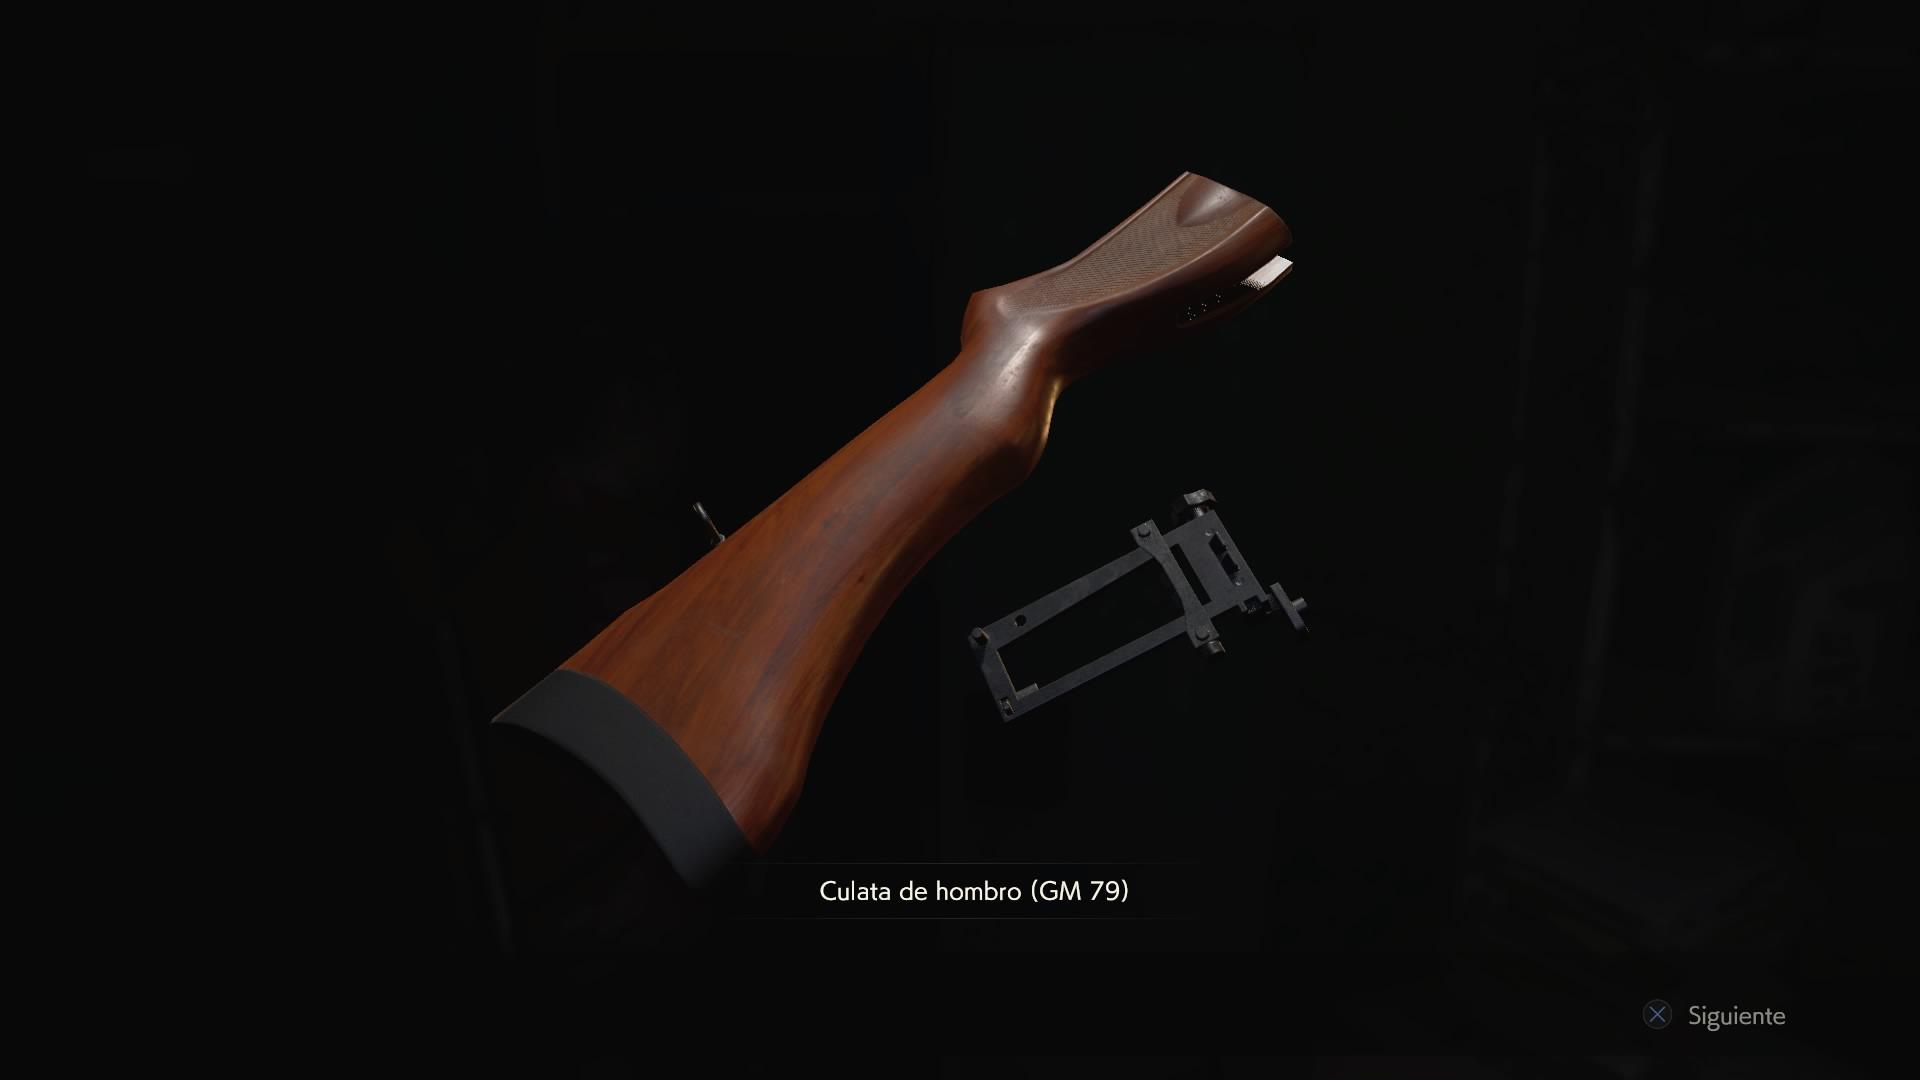 Culata de hombro (GM 79)